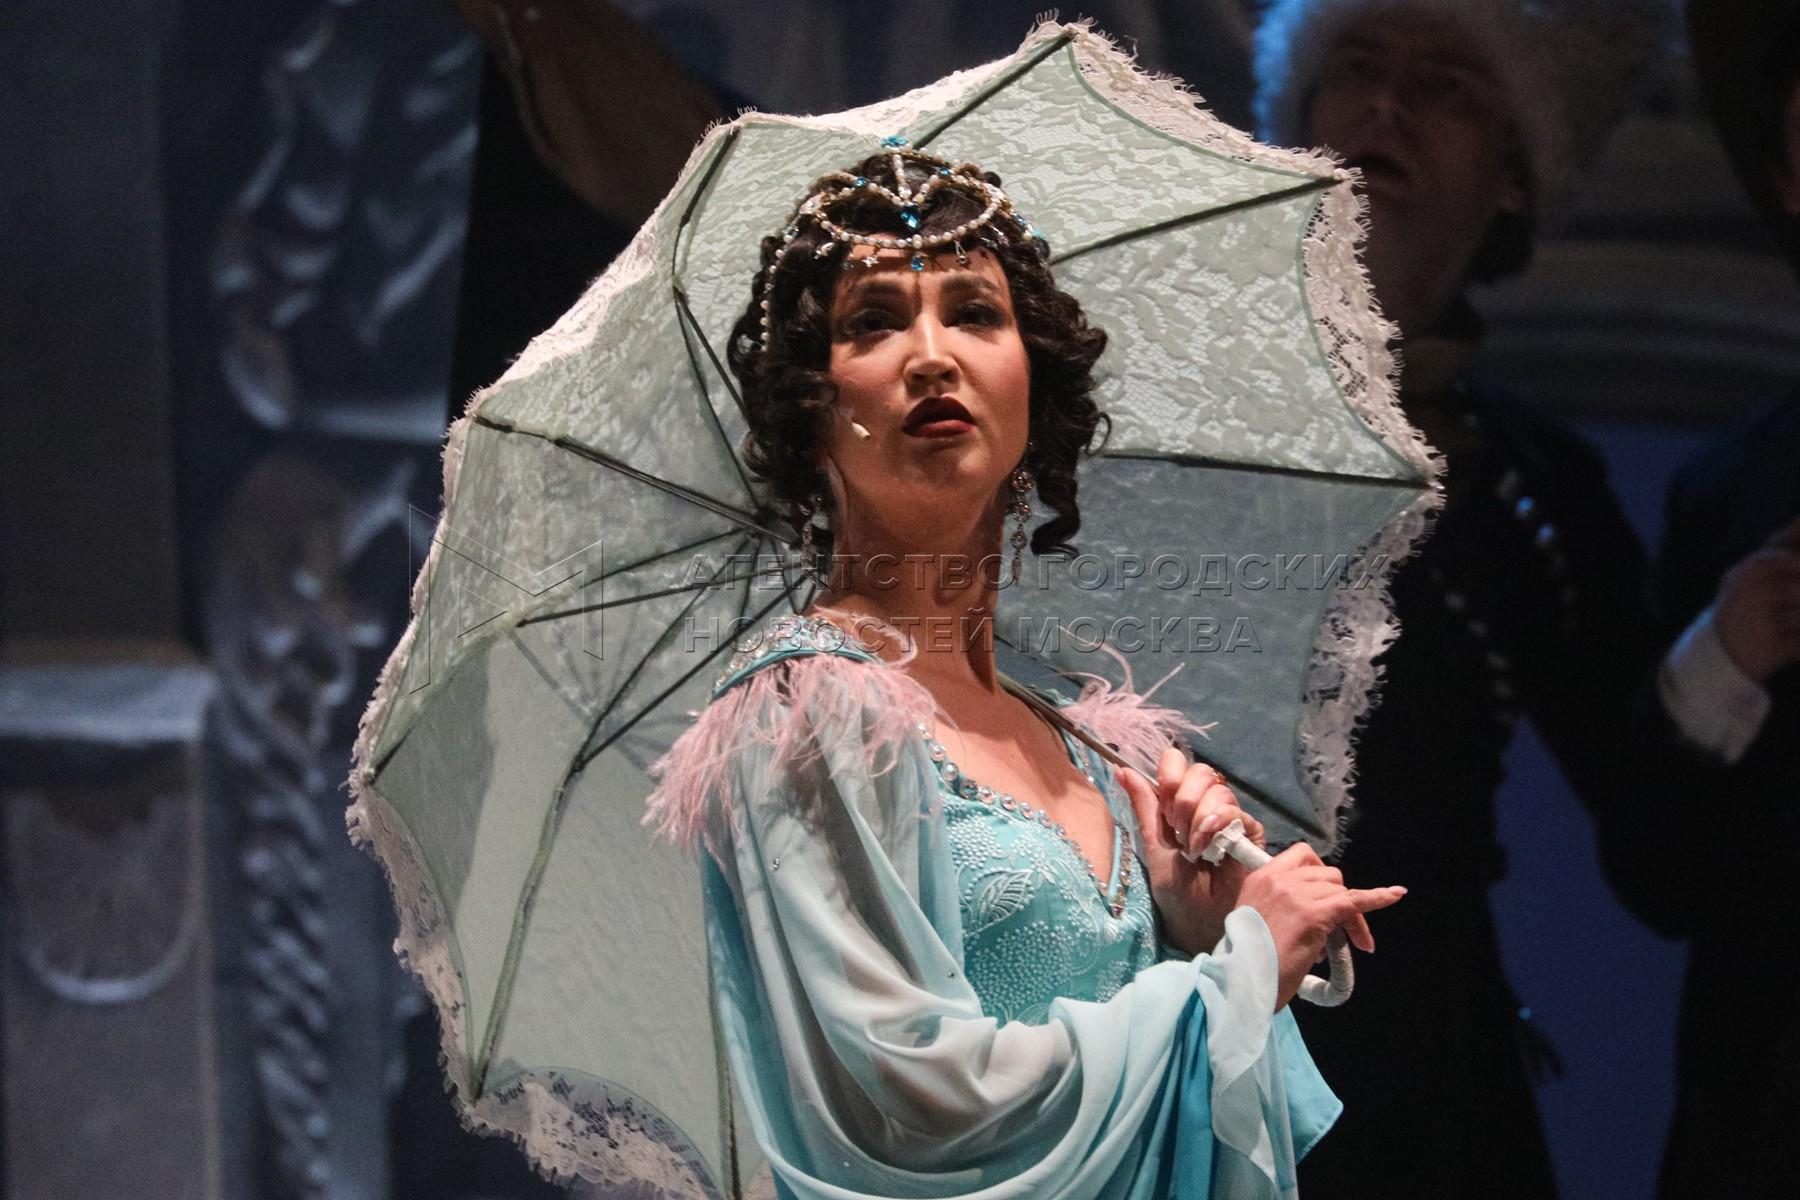 Актриса Ольга Бузова в роли певицы Бэллы Шанталь во время пресс-показа спектакля «Чудесный грузин» в МХАТ имени Горького.